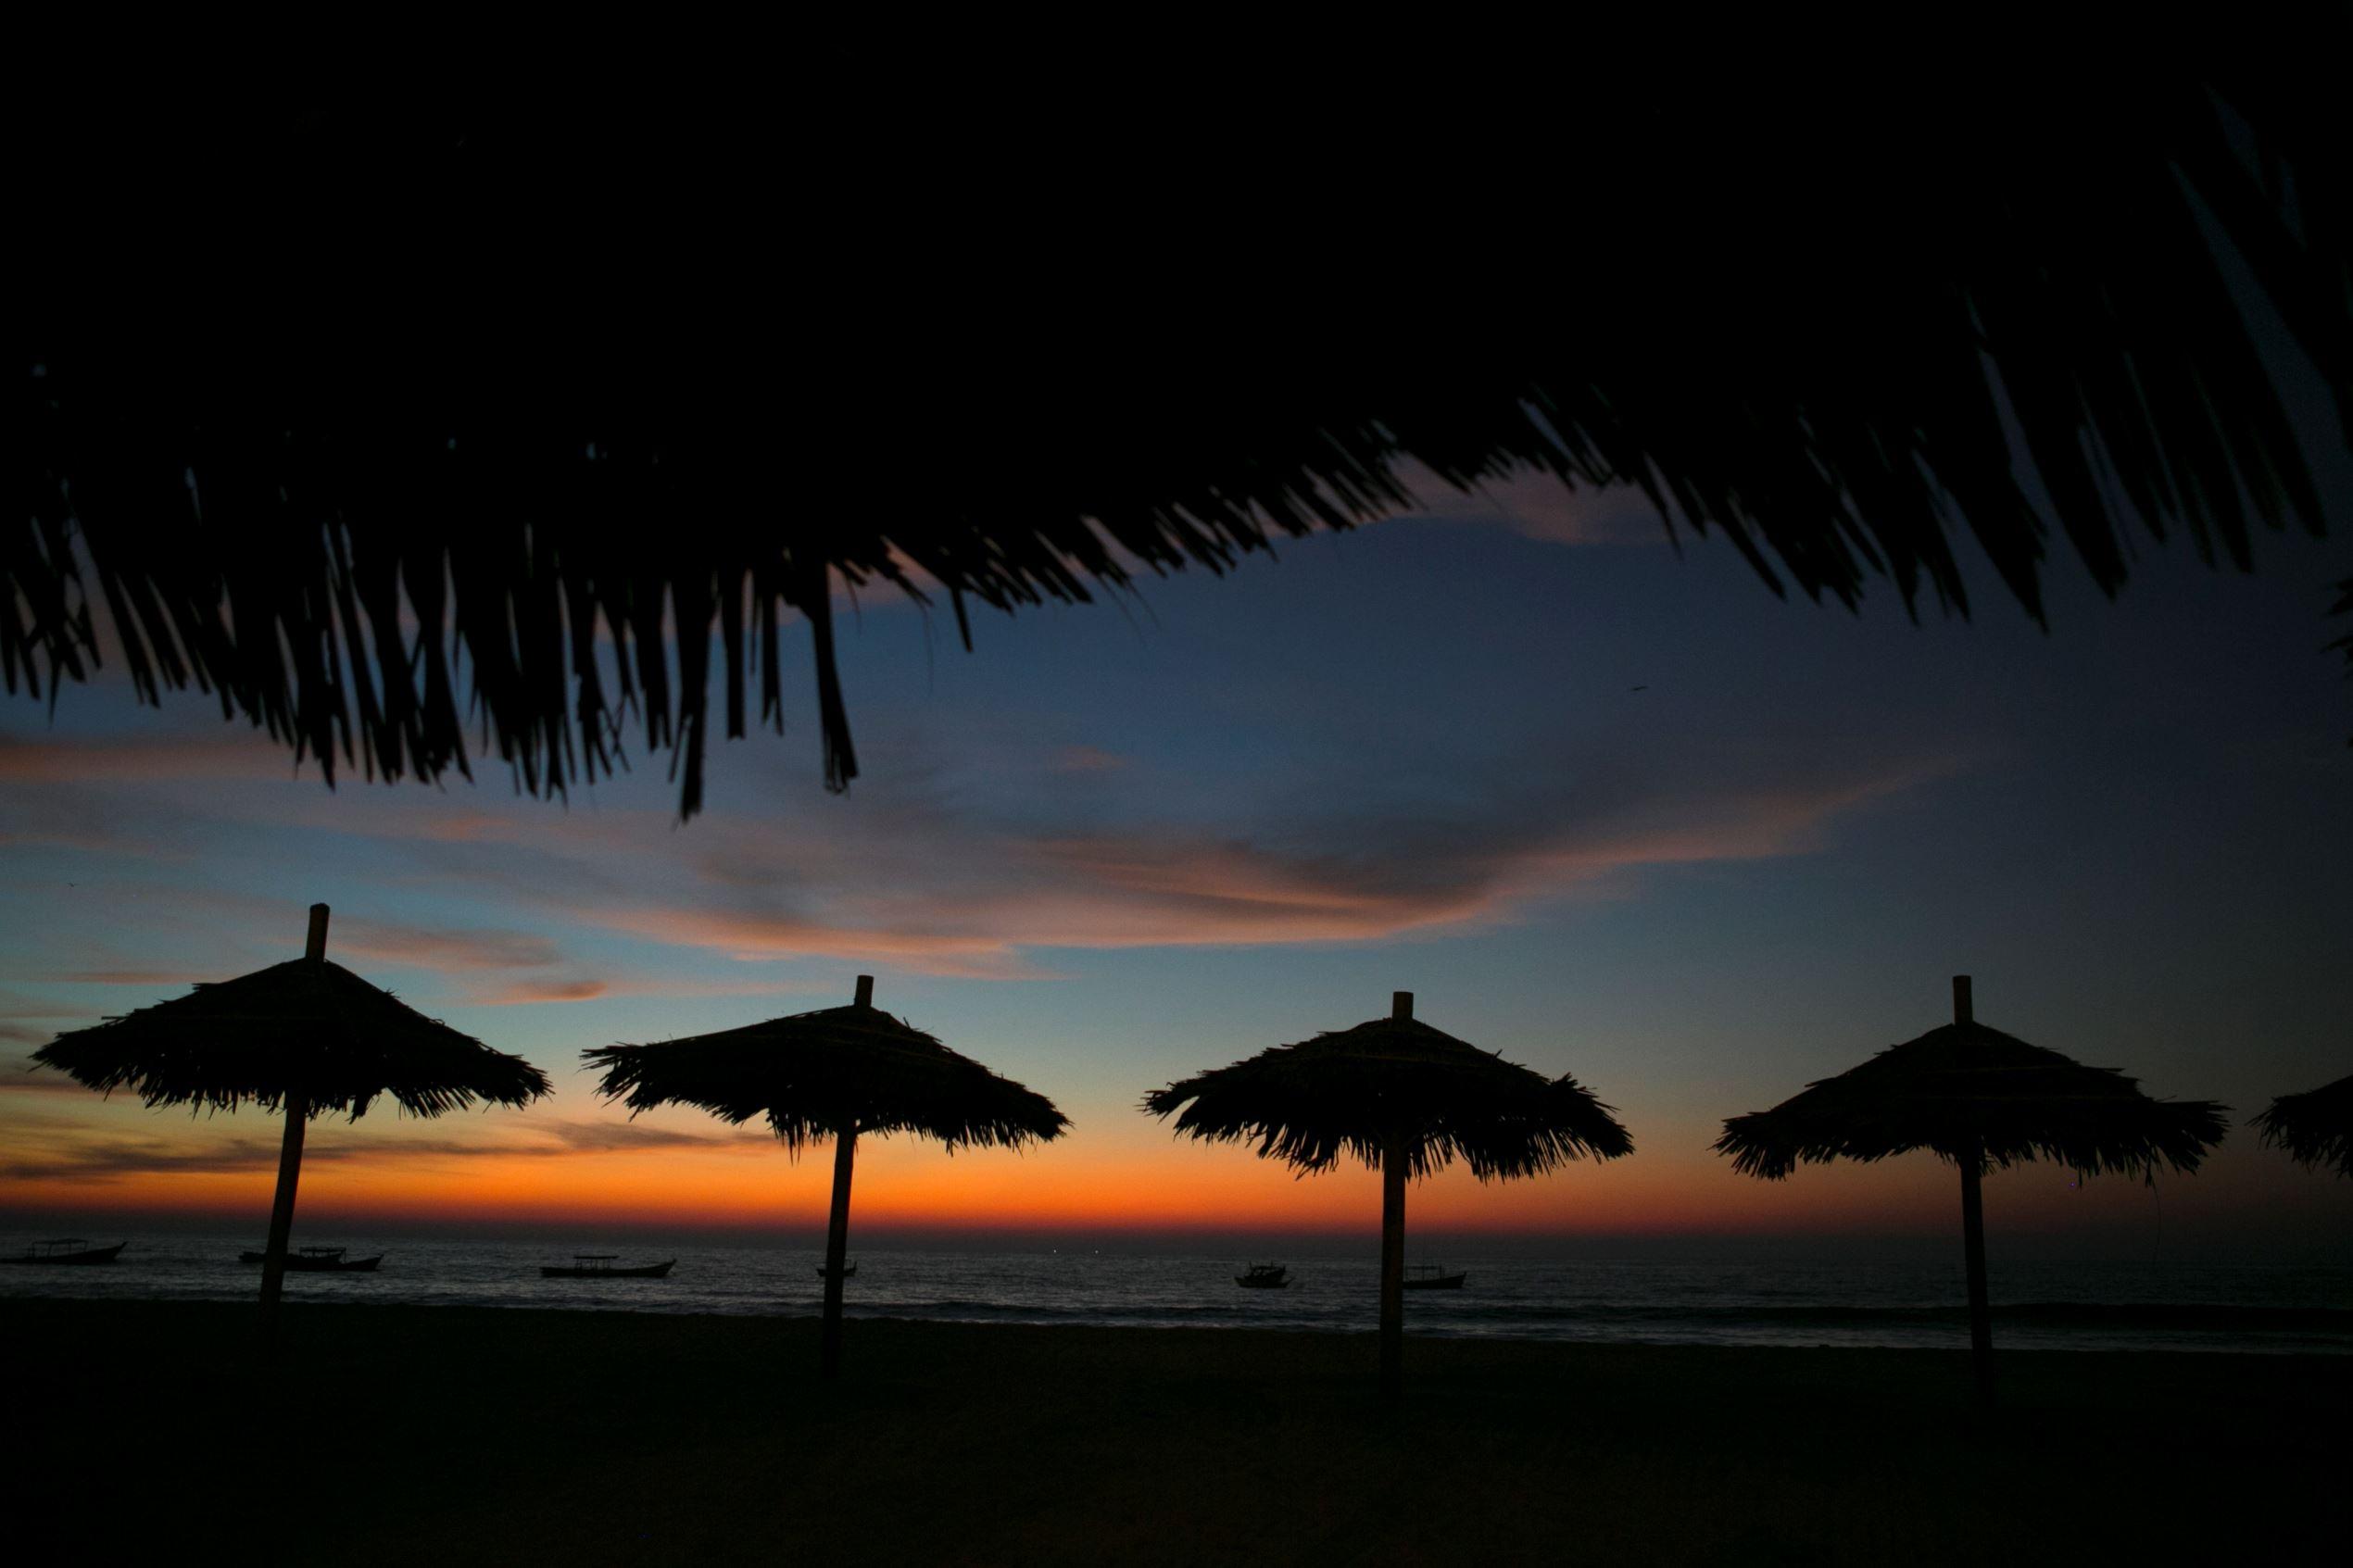 δημοφιλείς τοποθεσίες γνωριμιών δωρεάν Φιλιππίνες